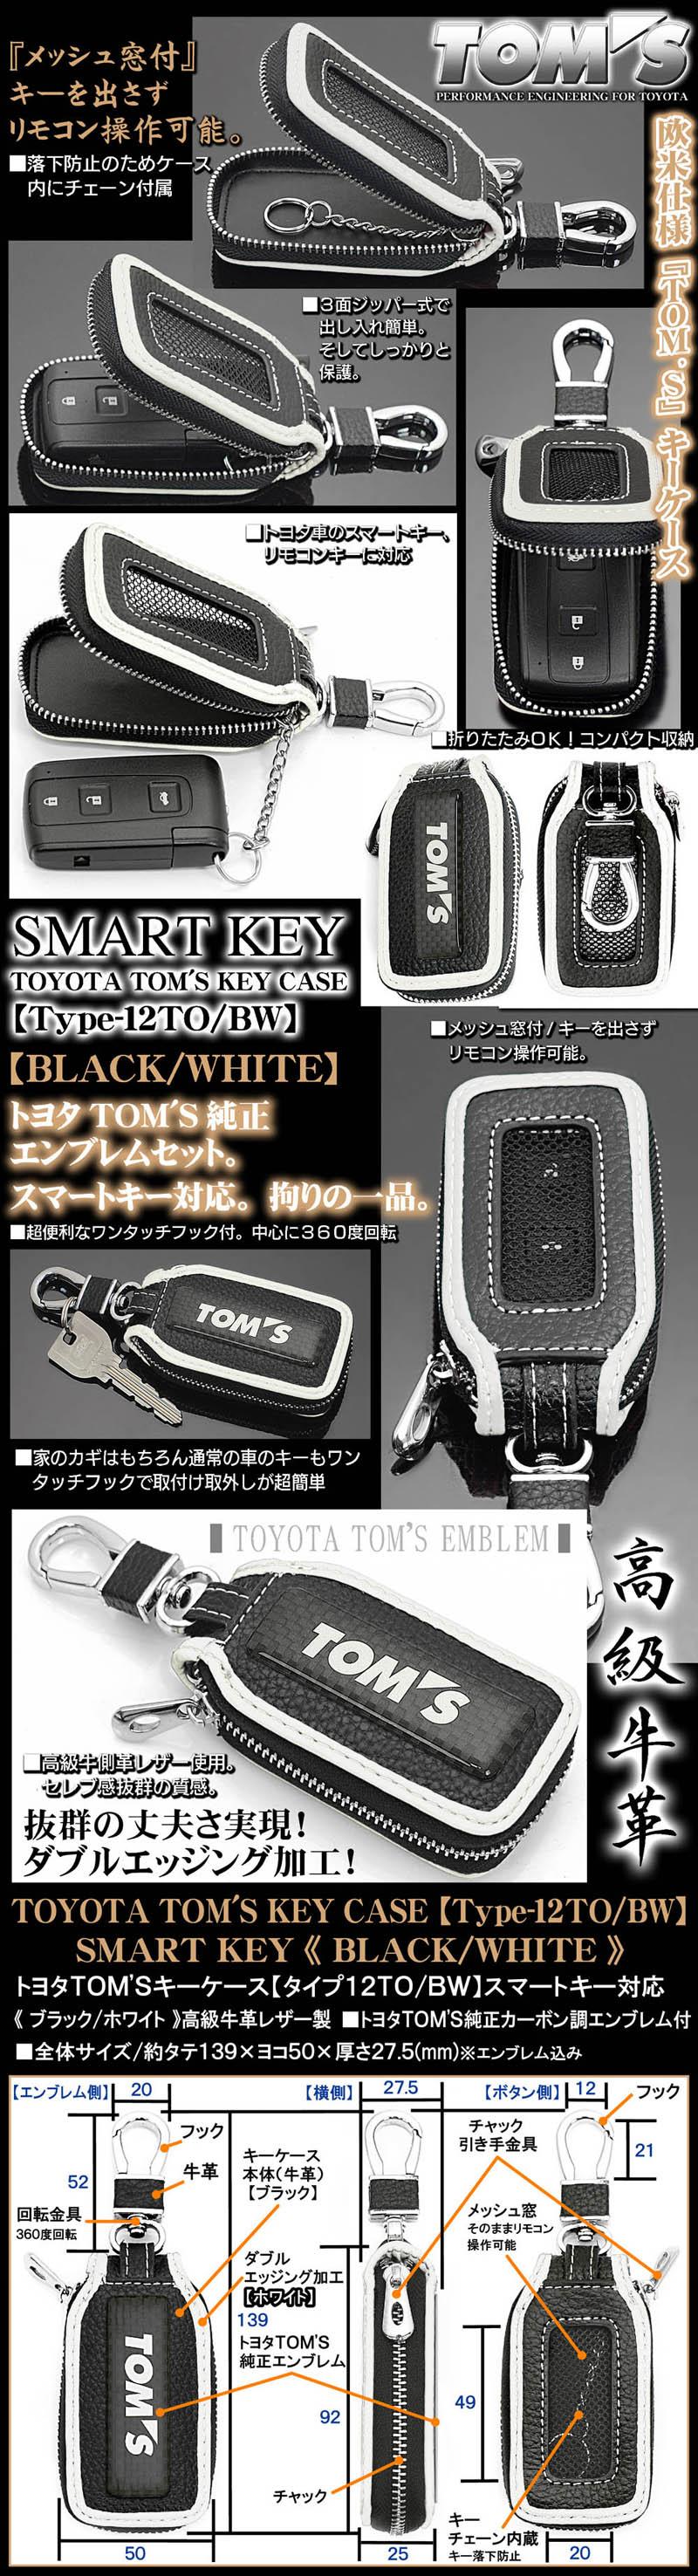 【タイプ12TO/BW】トヨタTOM'S/トムスキーケース《ブラック/ホワイト》トムス純正カーボン調エンブレム,キーホルダー,窓付/スマートキー対応/牛革製/ブラガ